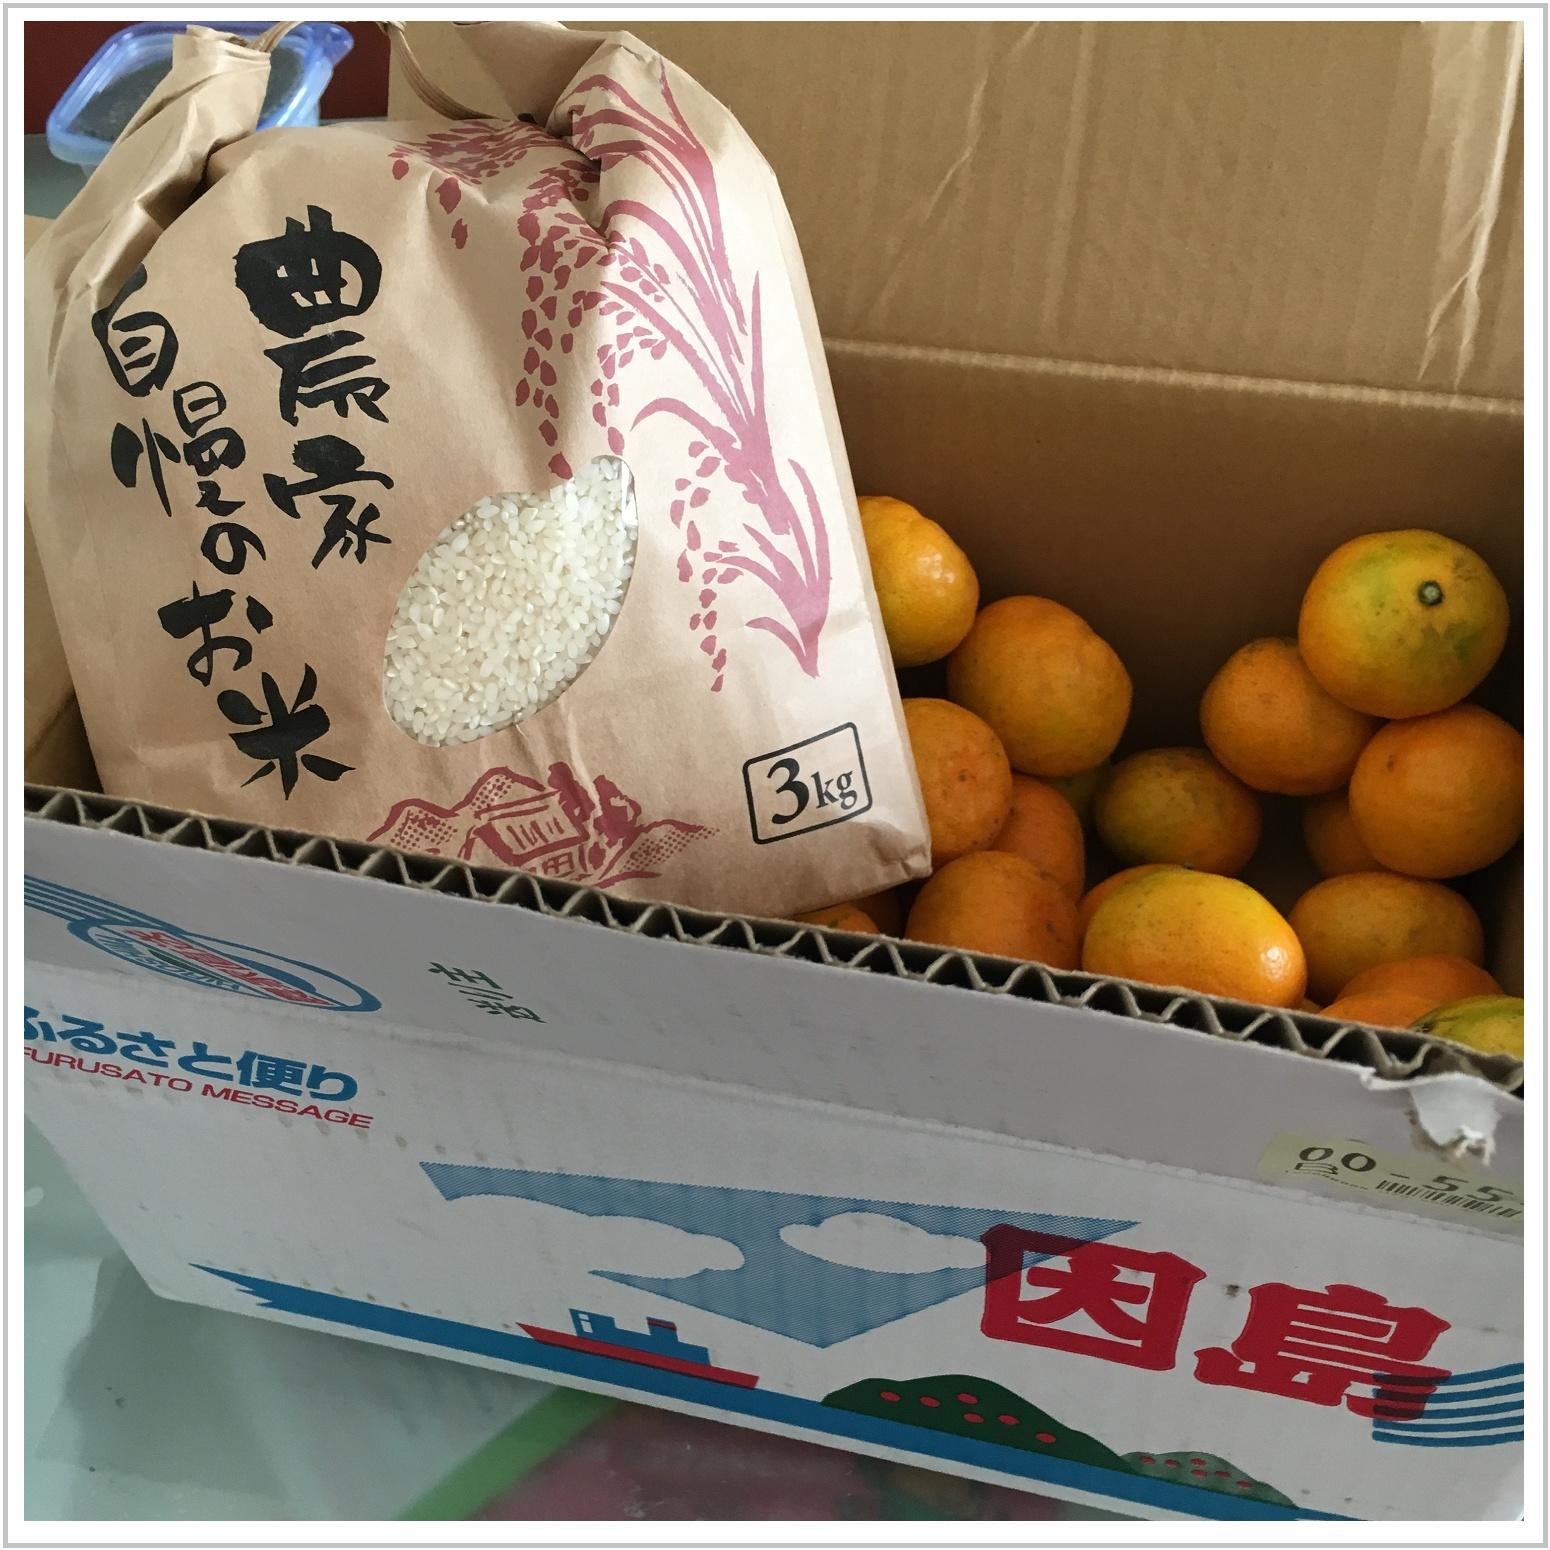 itadakimono_1_1029.jpg